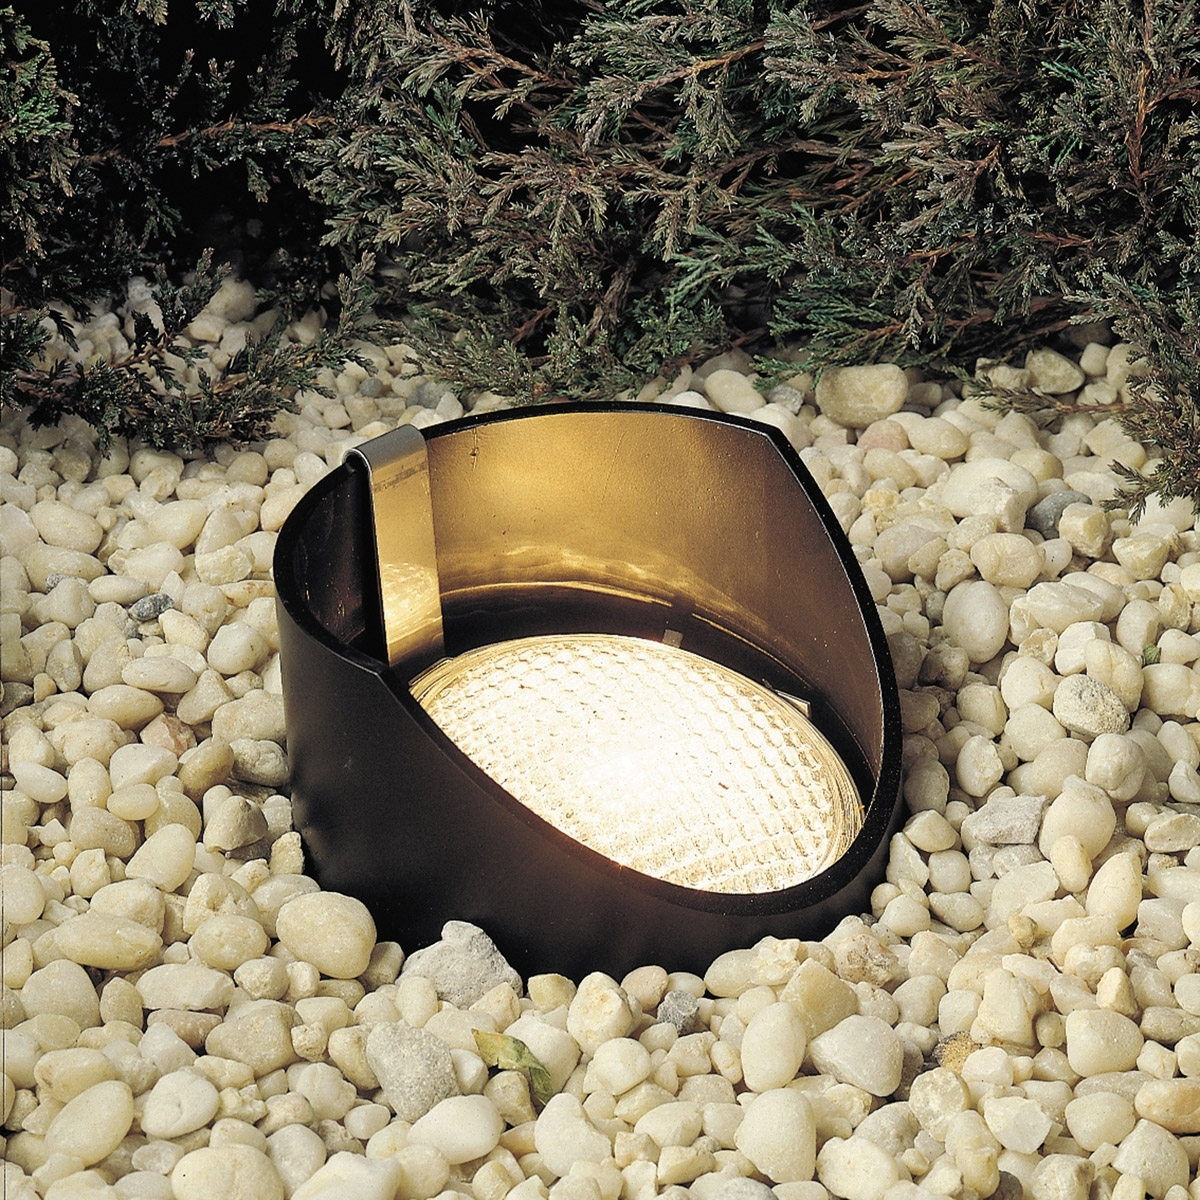 Kichler 15088Bk 12V Outdoor In Ground Well Light Throughout Outdoor Ground Lanterns (Gallery 18 of 20)